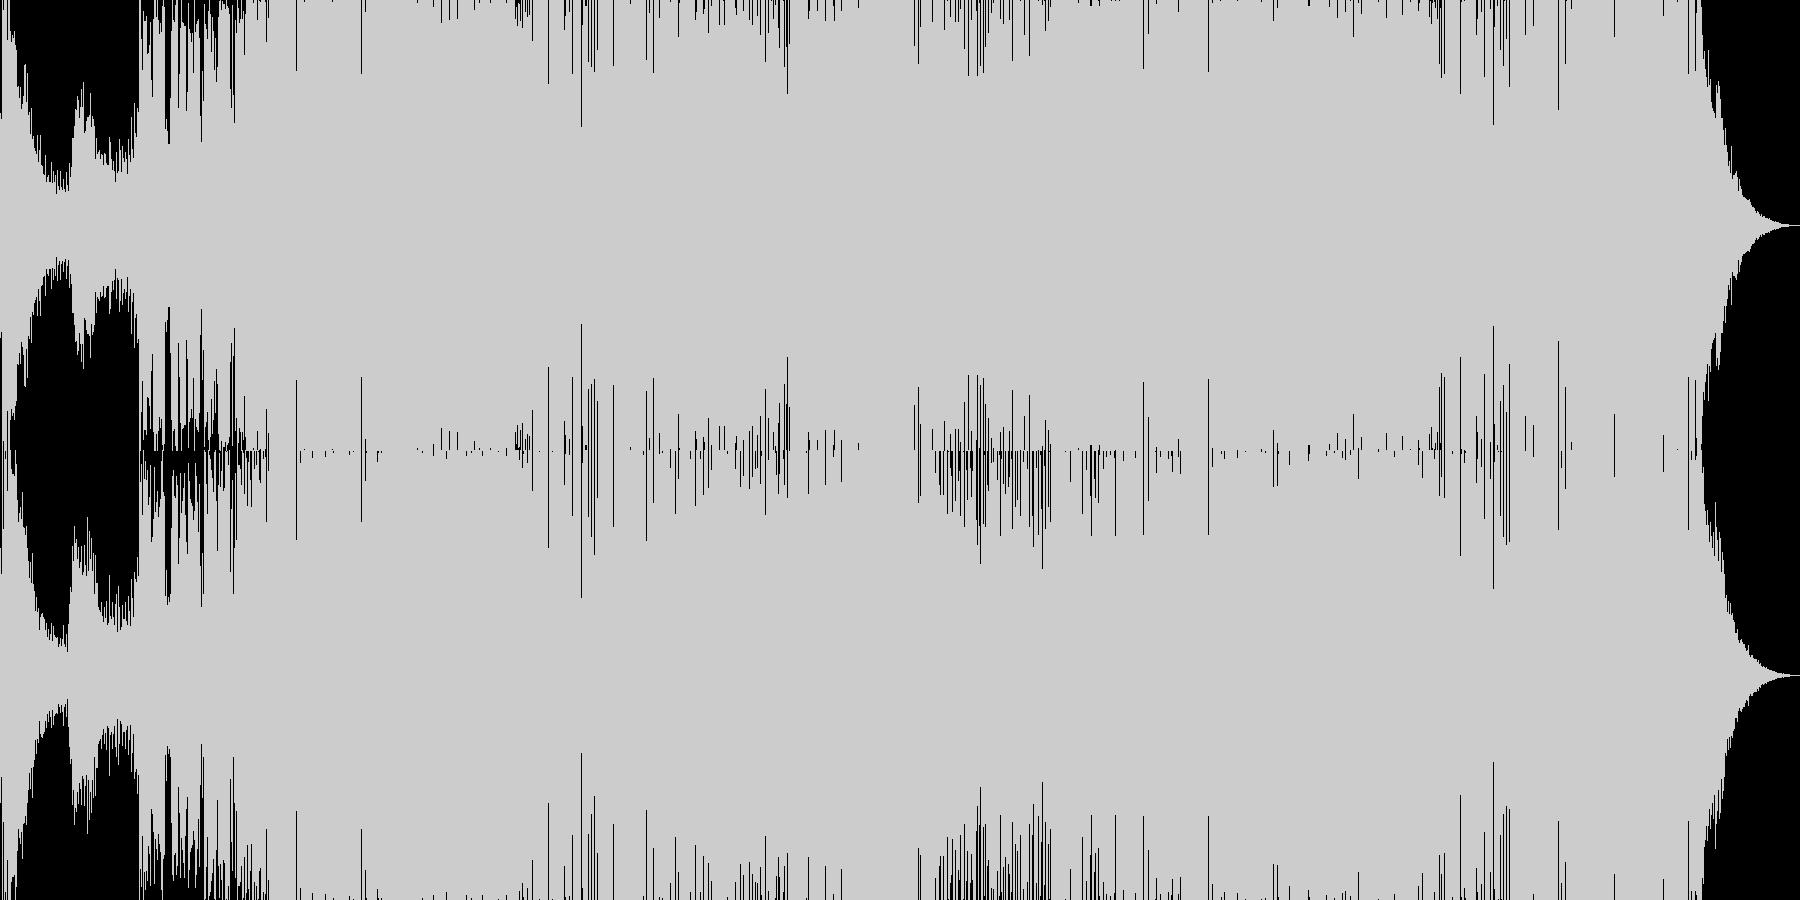 ディスコのイントロはほぼ1分10秒...の未再生の波形